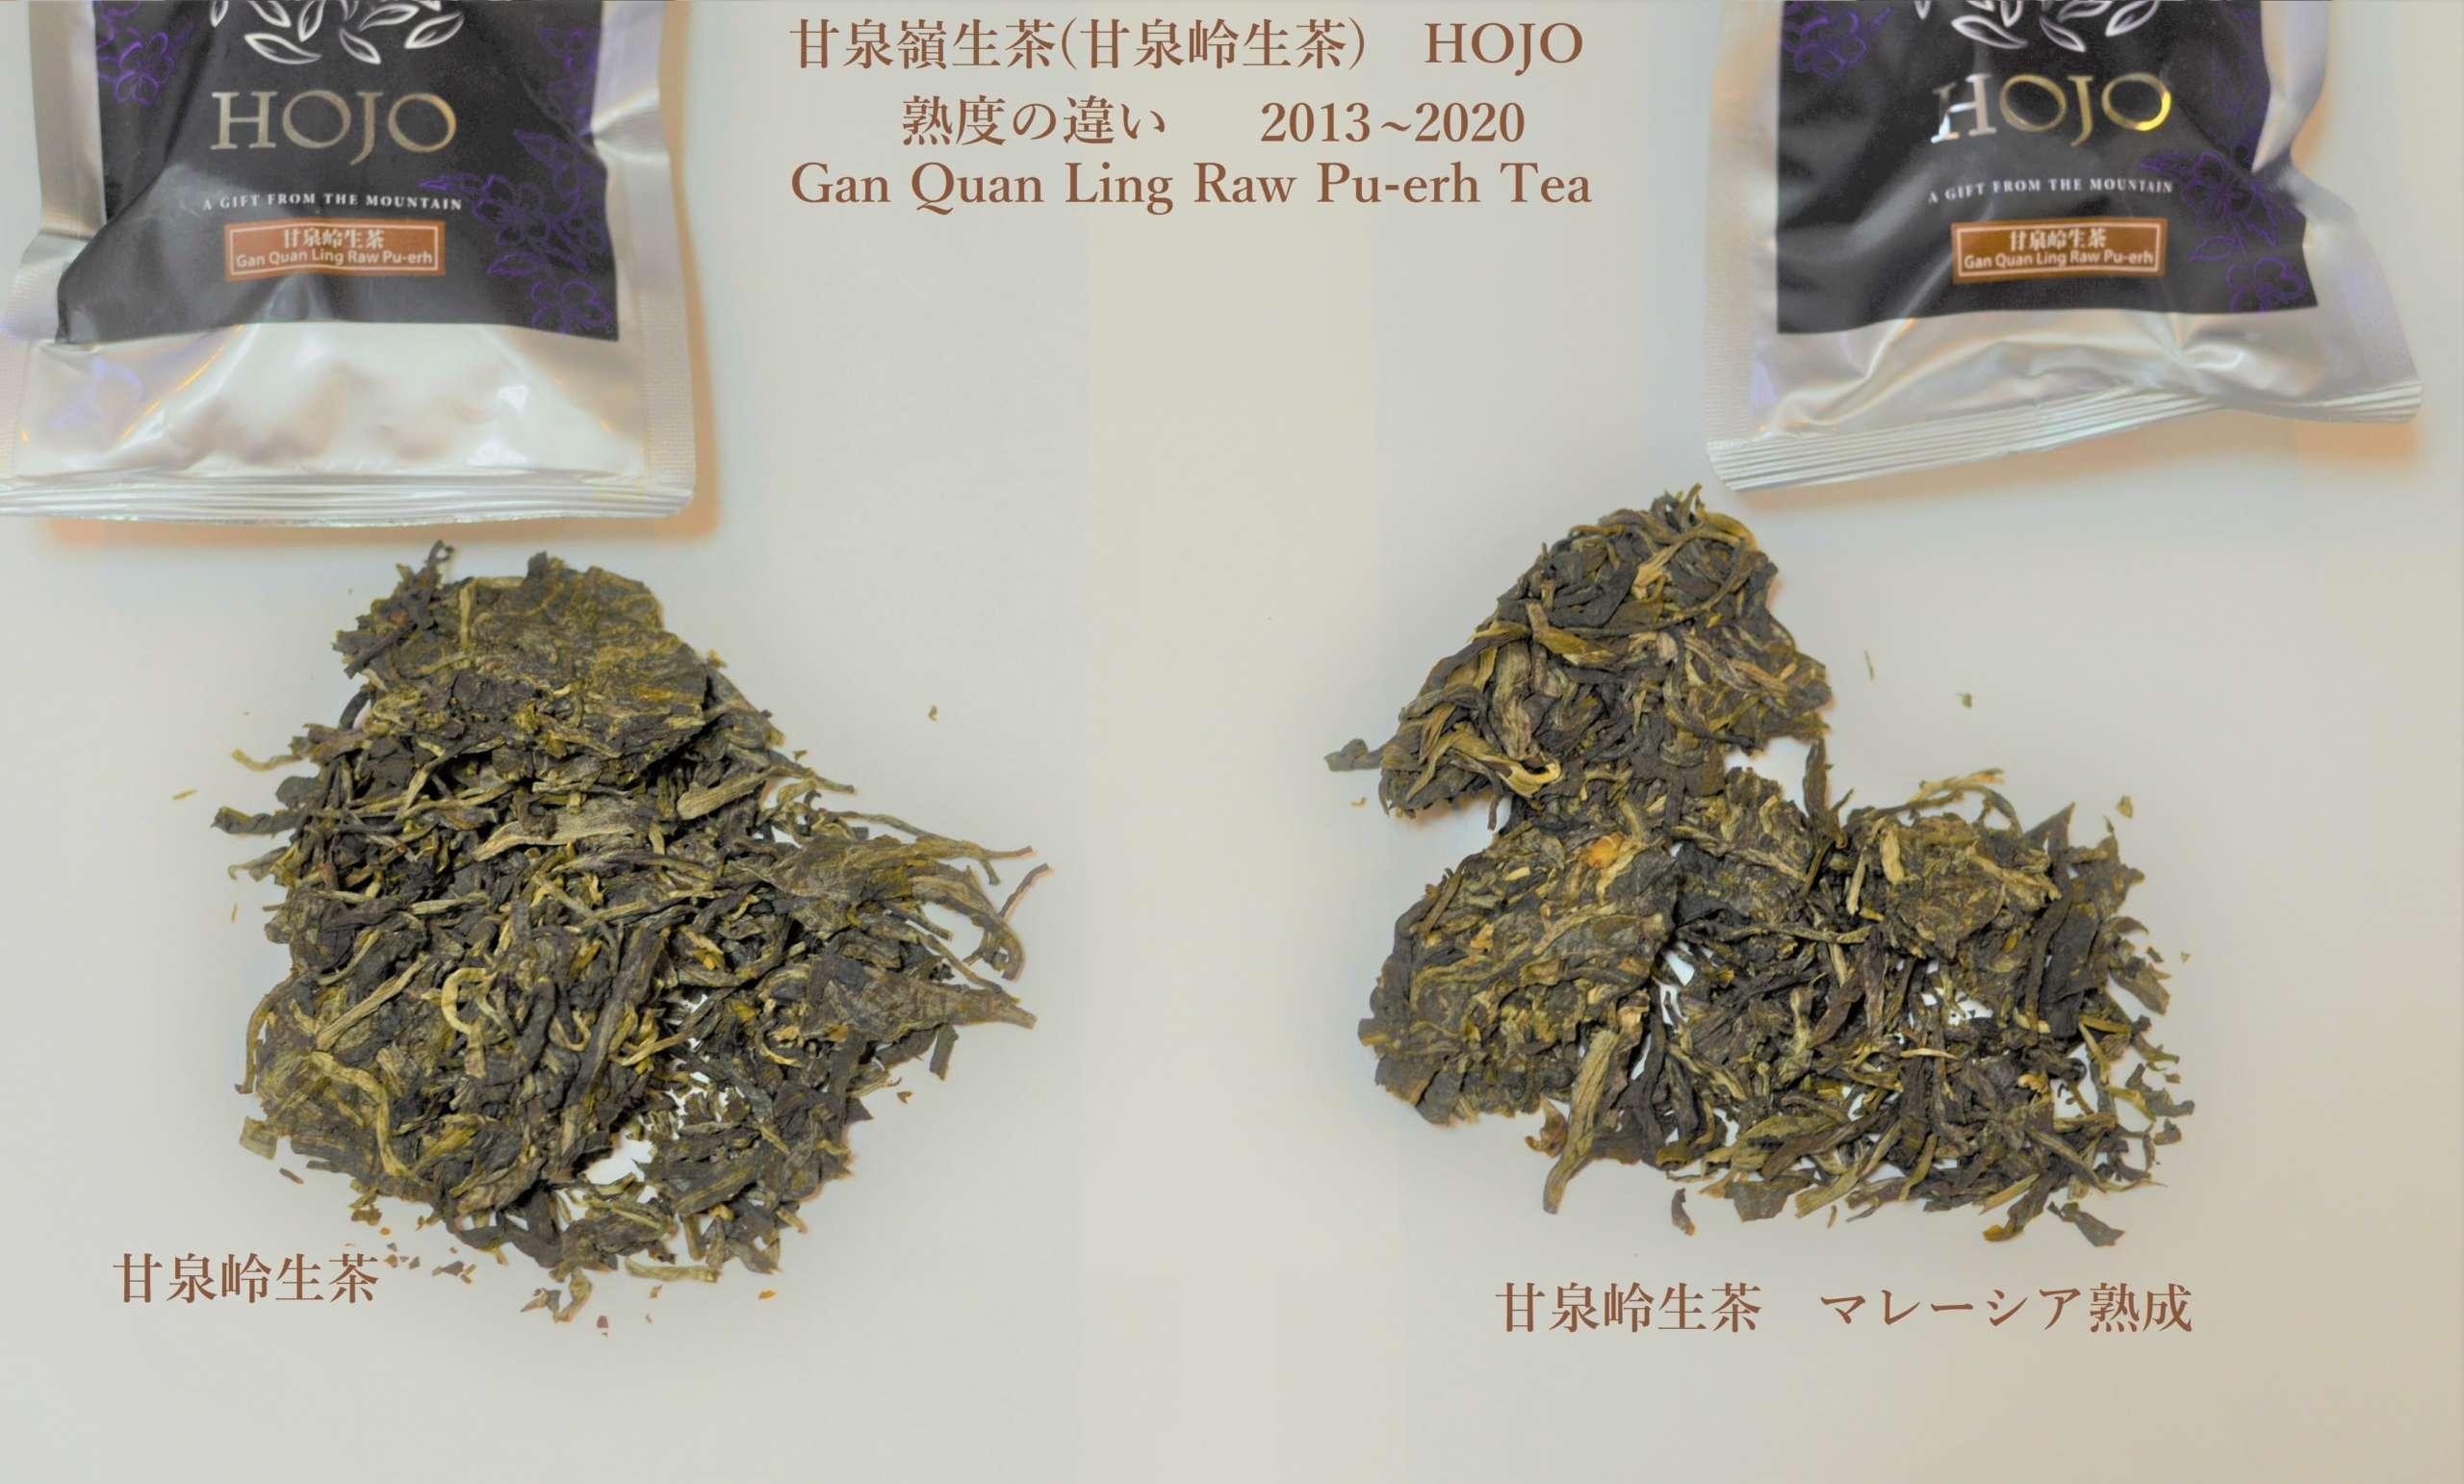 甘泉嶺生茶